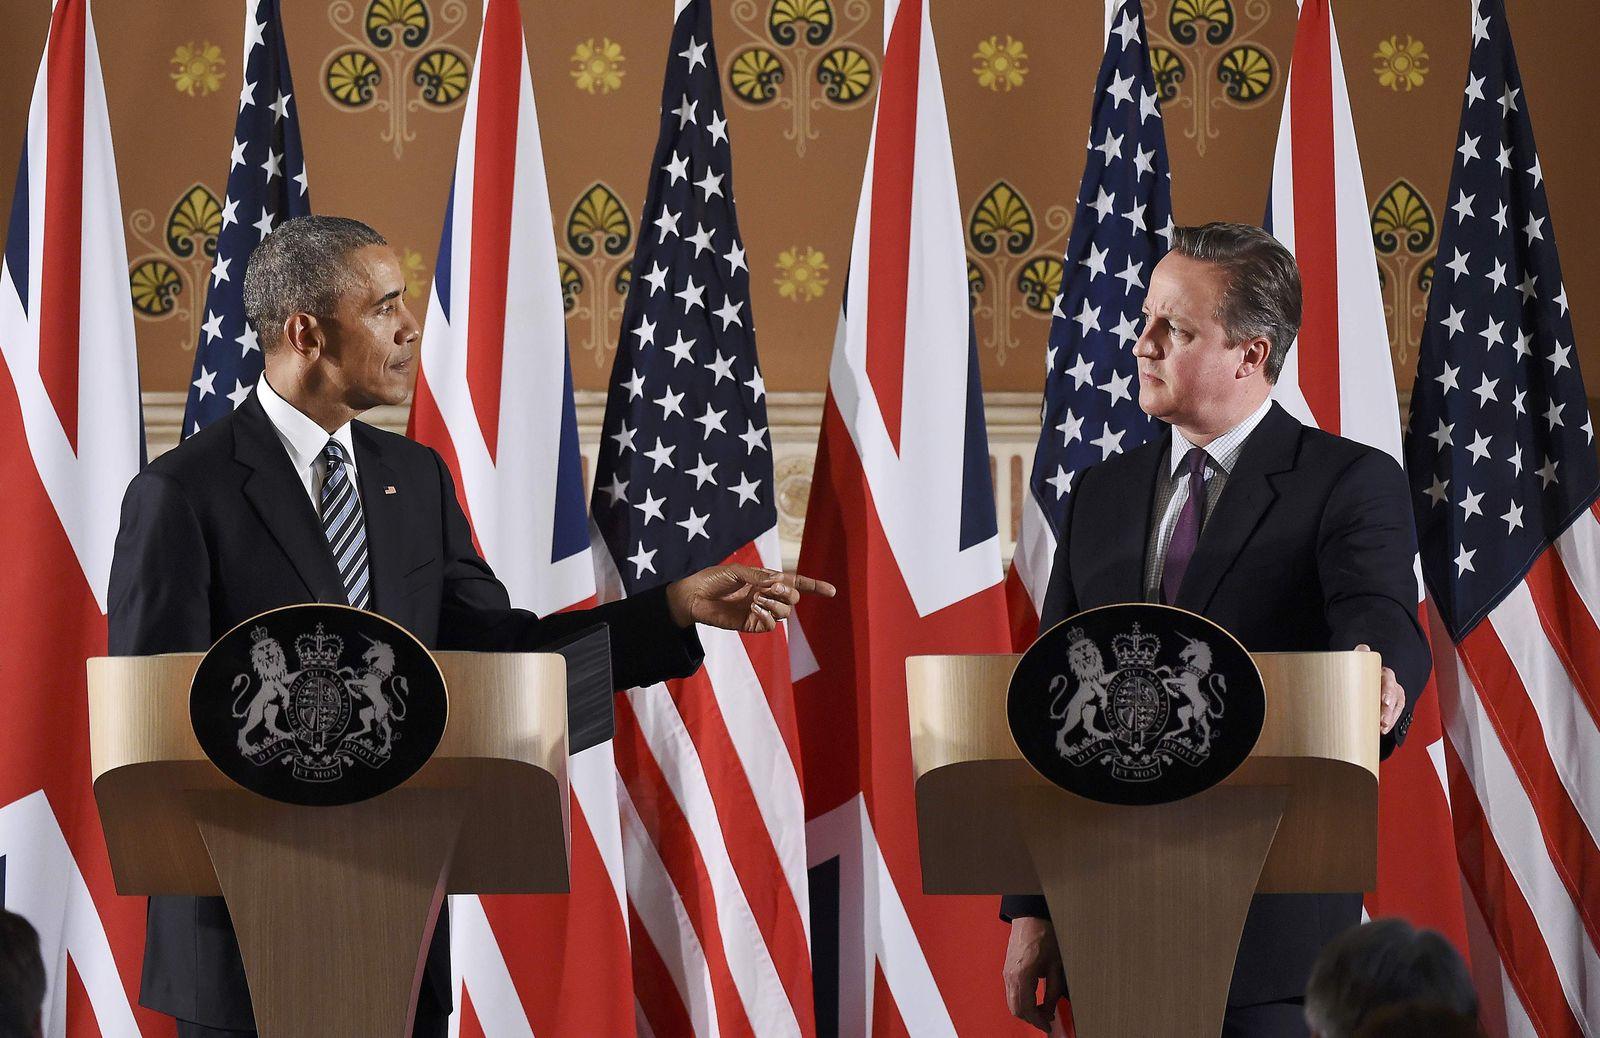 Barack Obama/ David Cameron